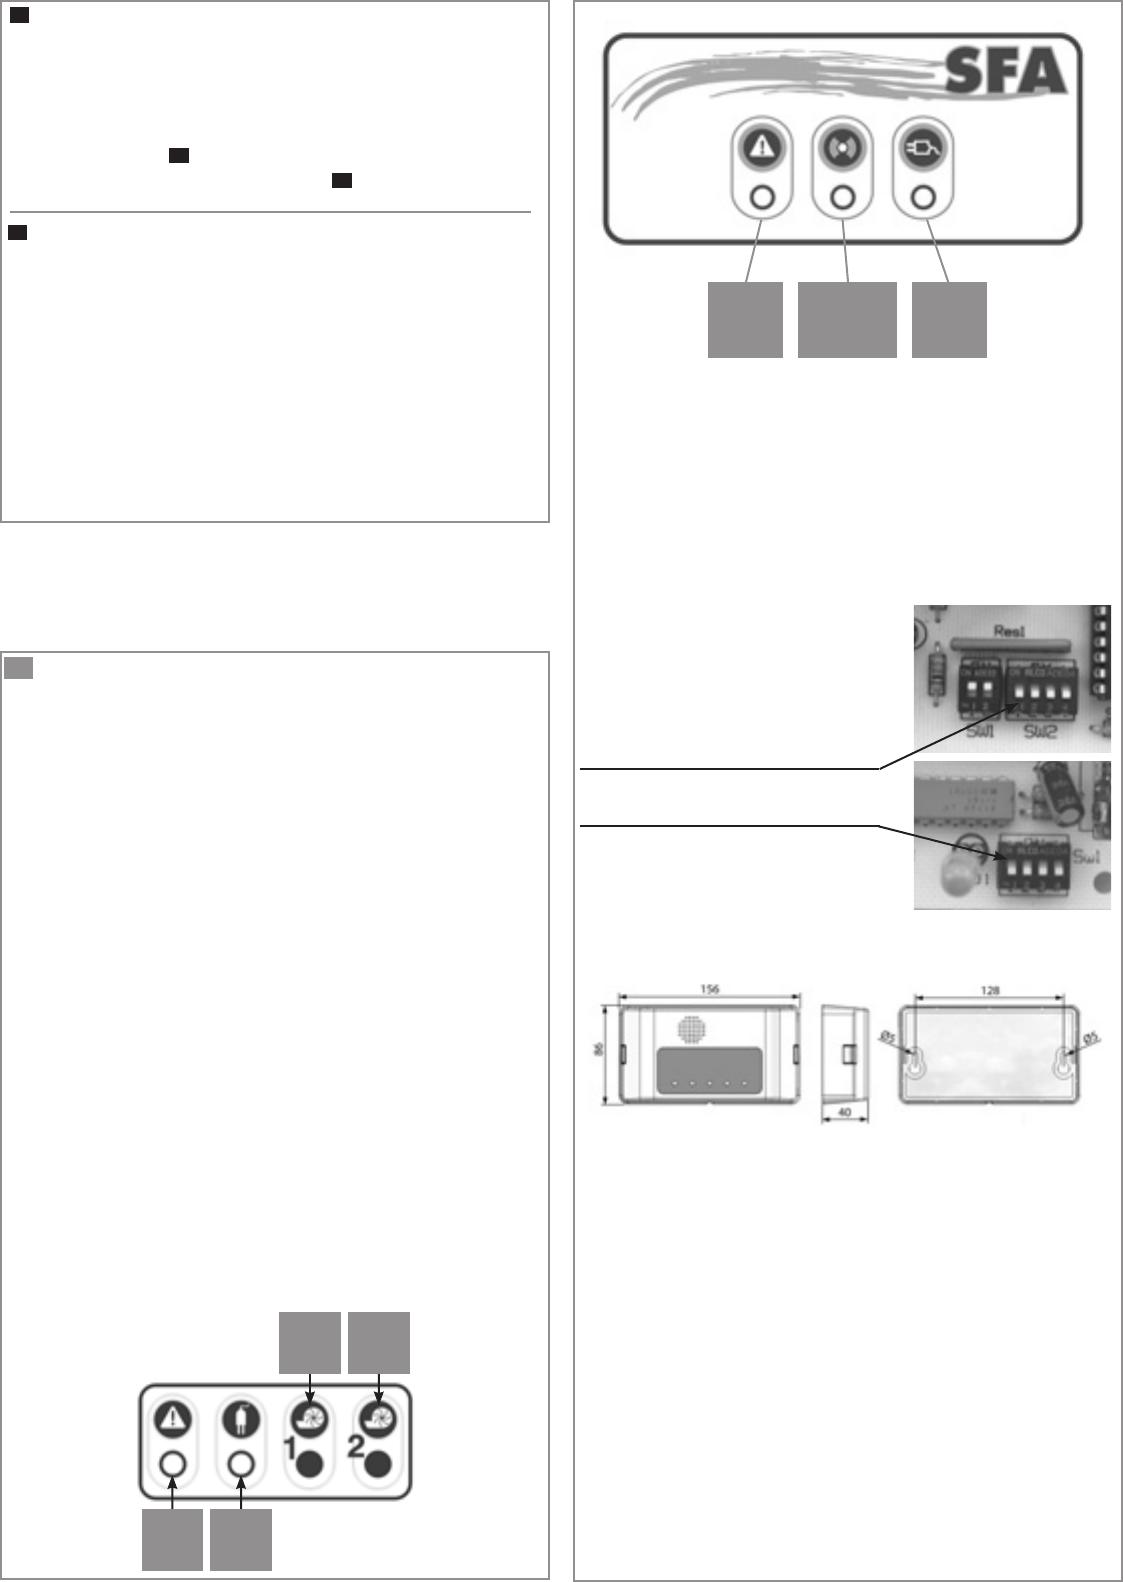 schema sanibroyeur amazing schema sanibroyeur with schema sanibroyeur cerit sanibroyeur with. Black Bedroom Furniture Sets. Home Design Ideas